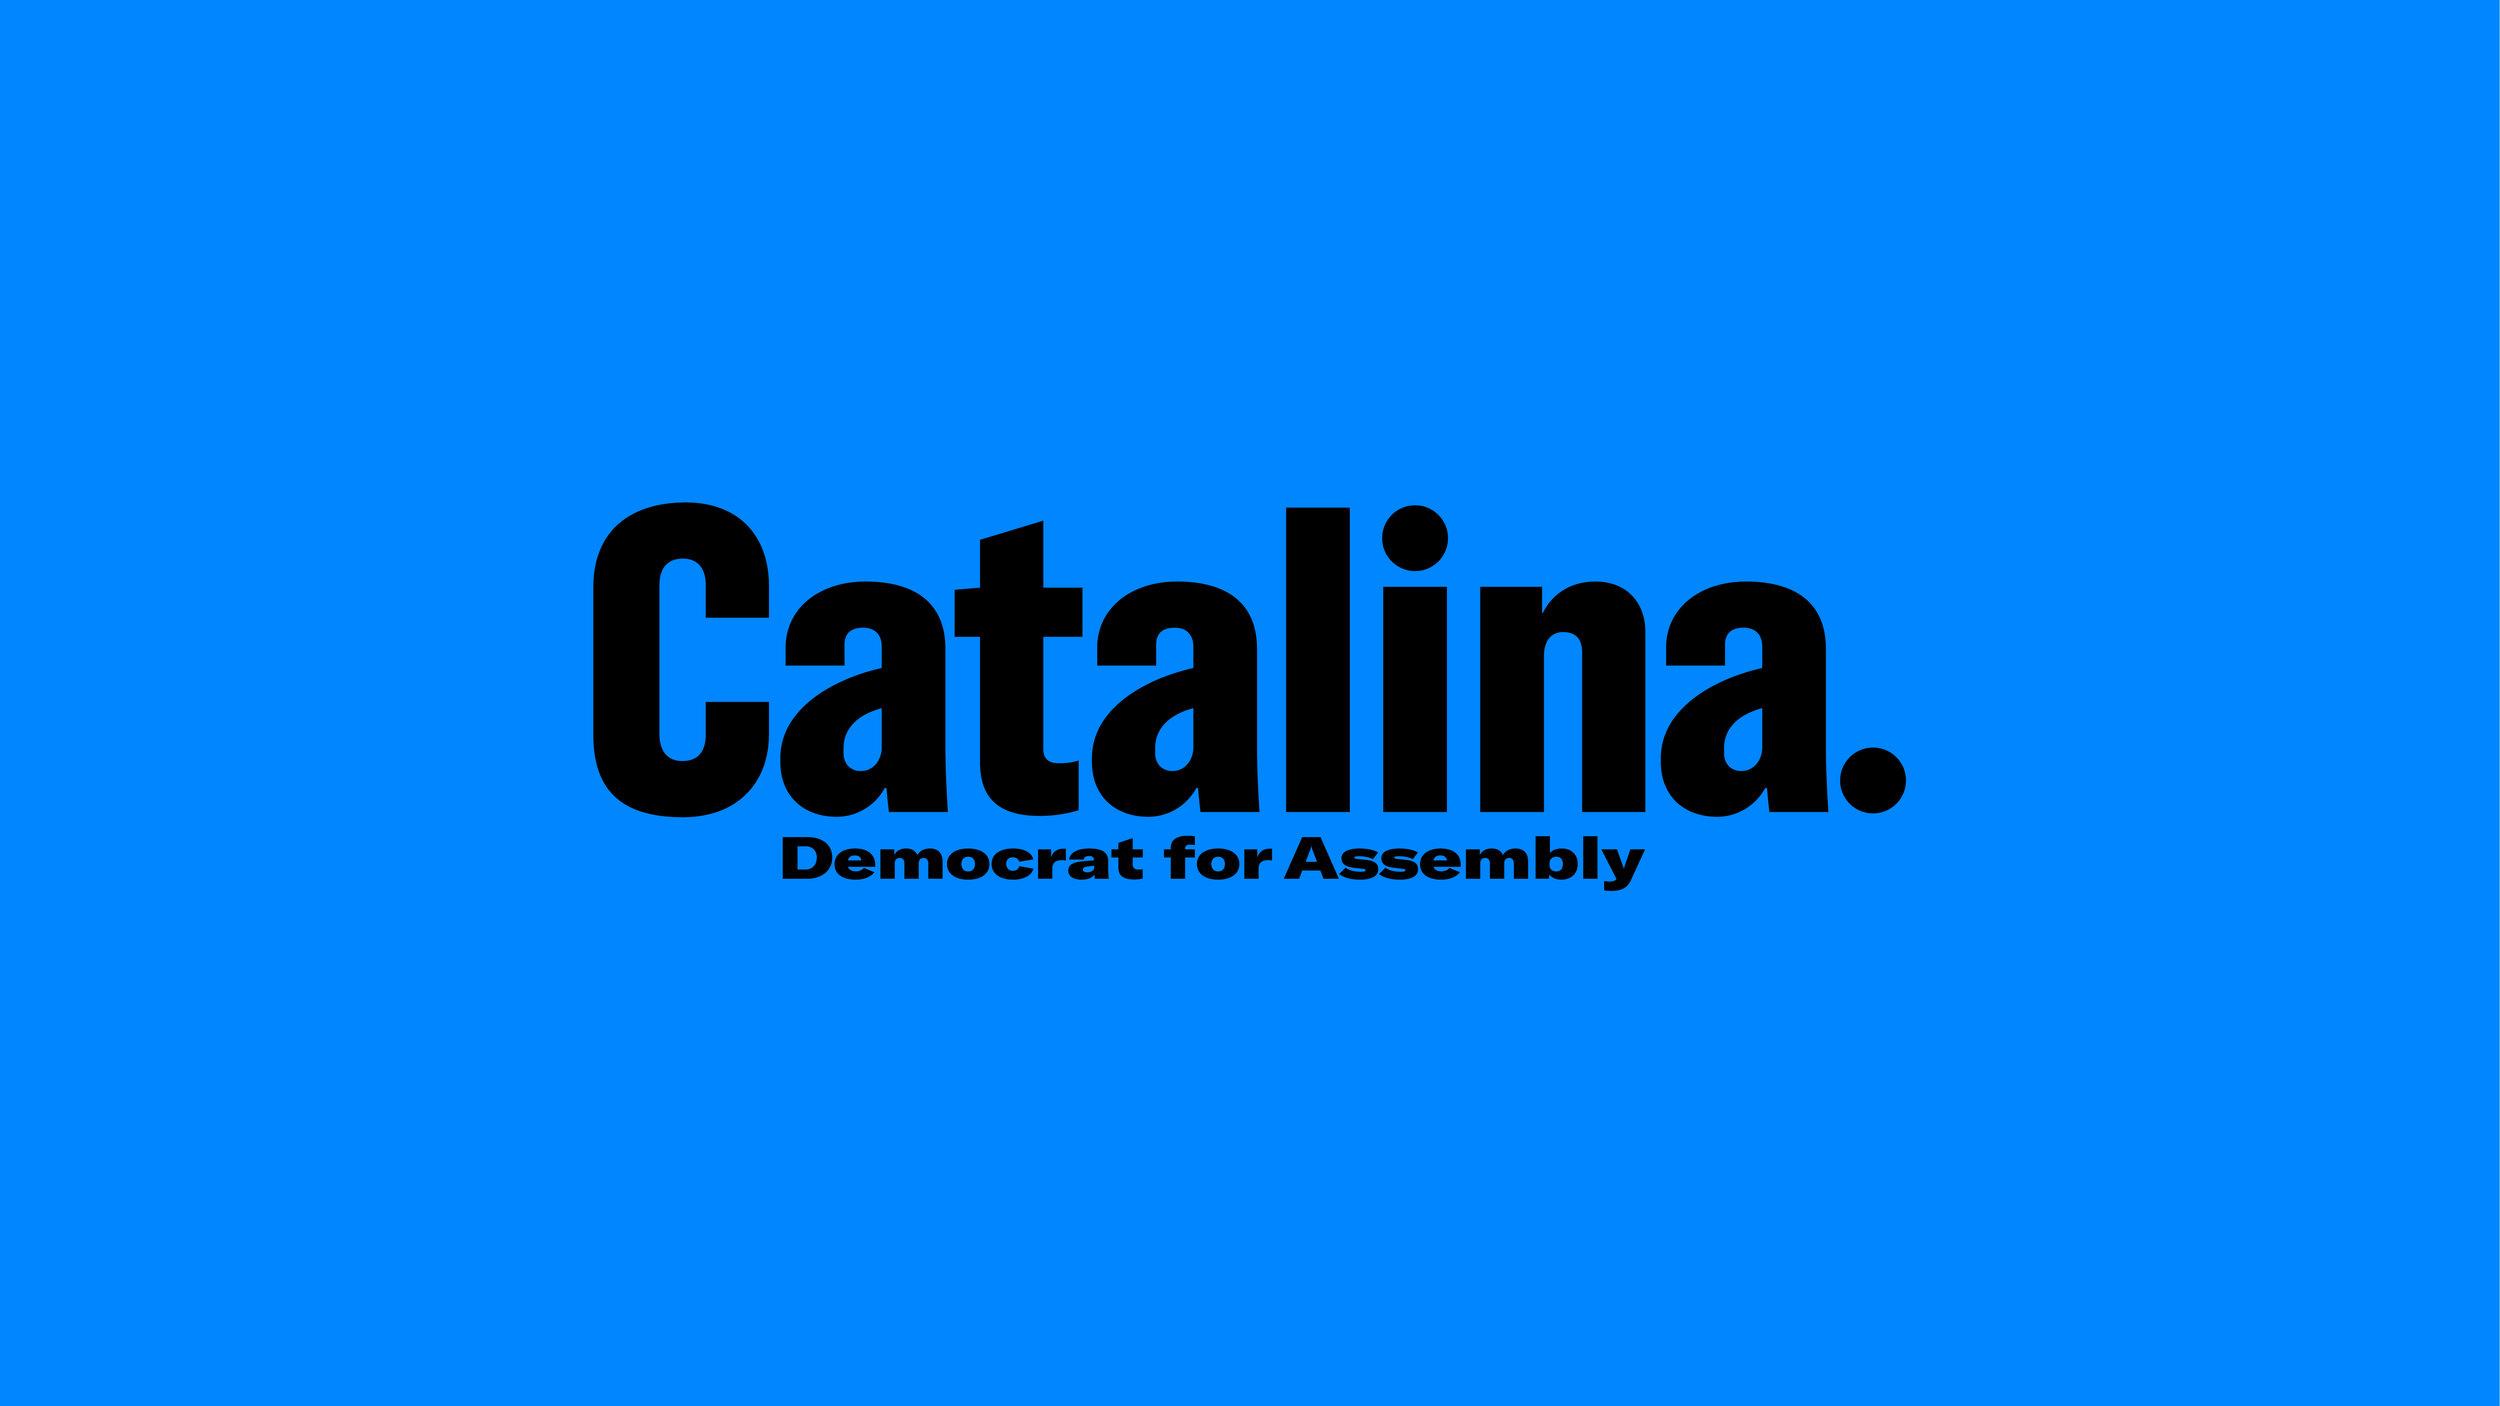 Catalina@3x-100.jpg